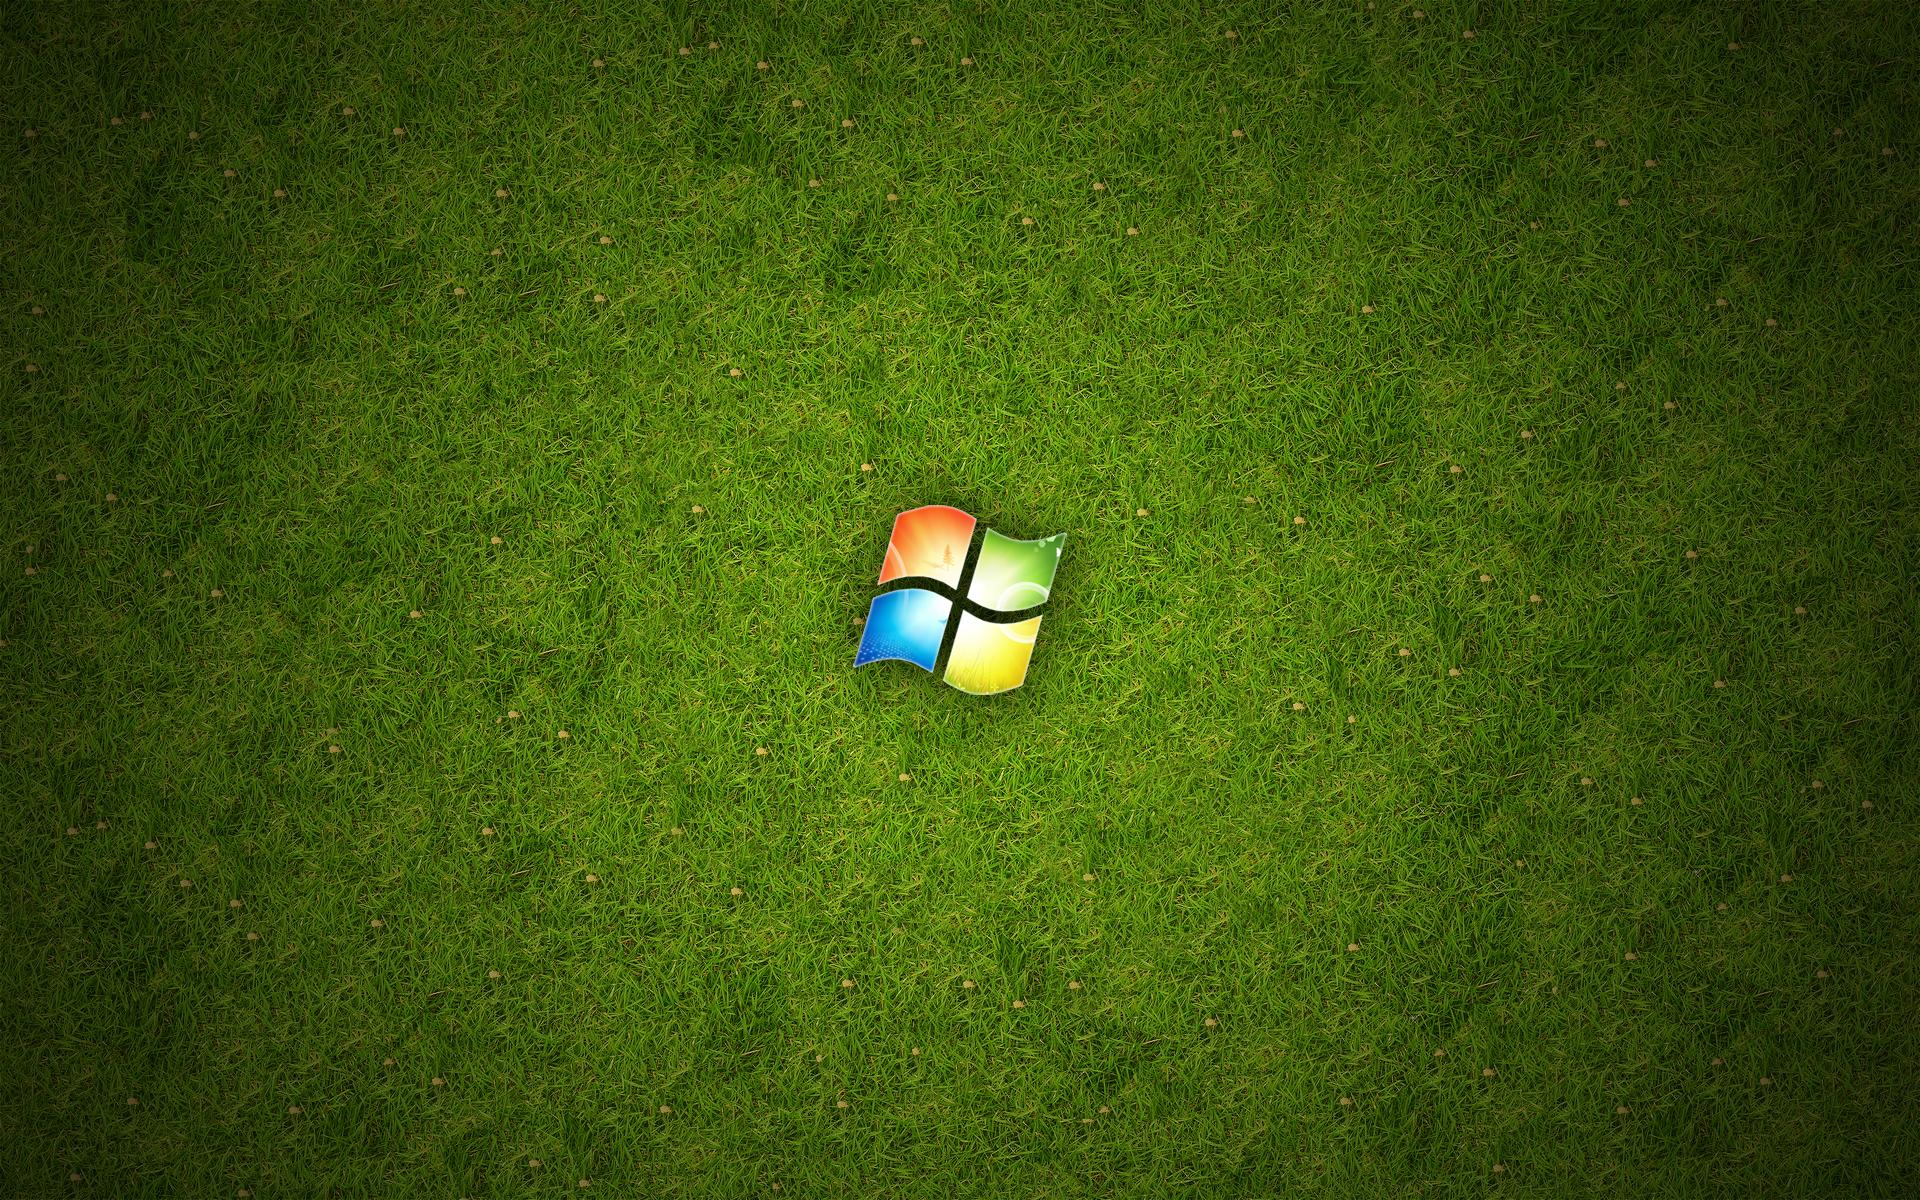 50 Best Windows 7 Wallpapers In HD